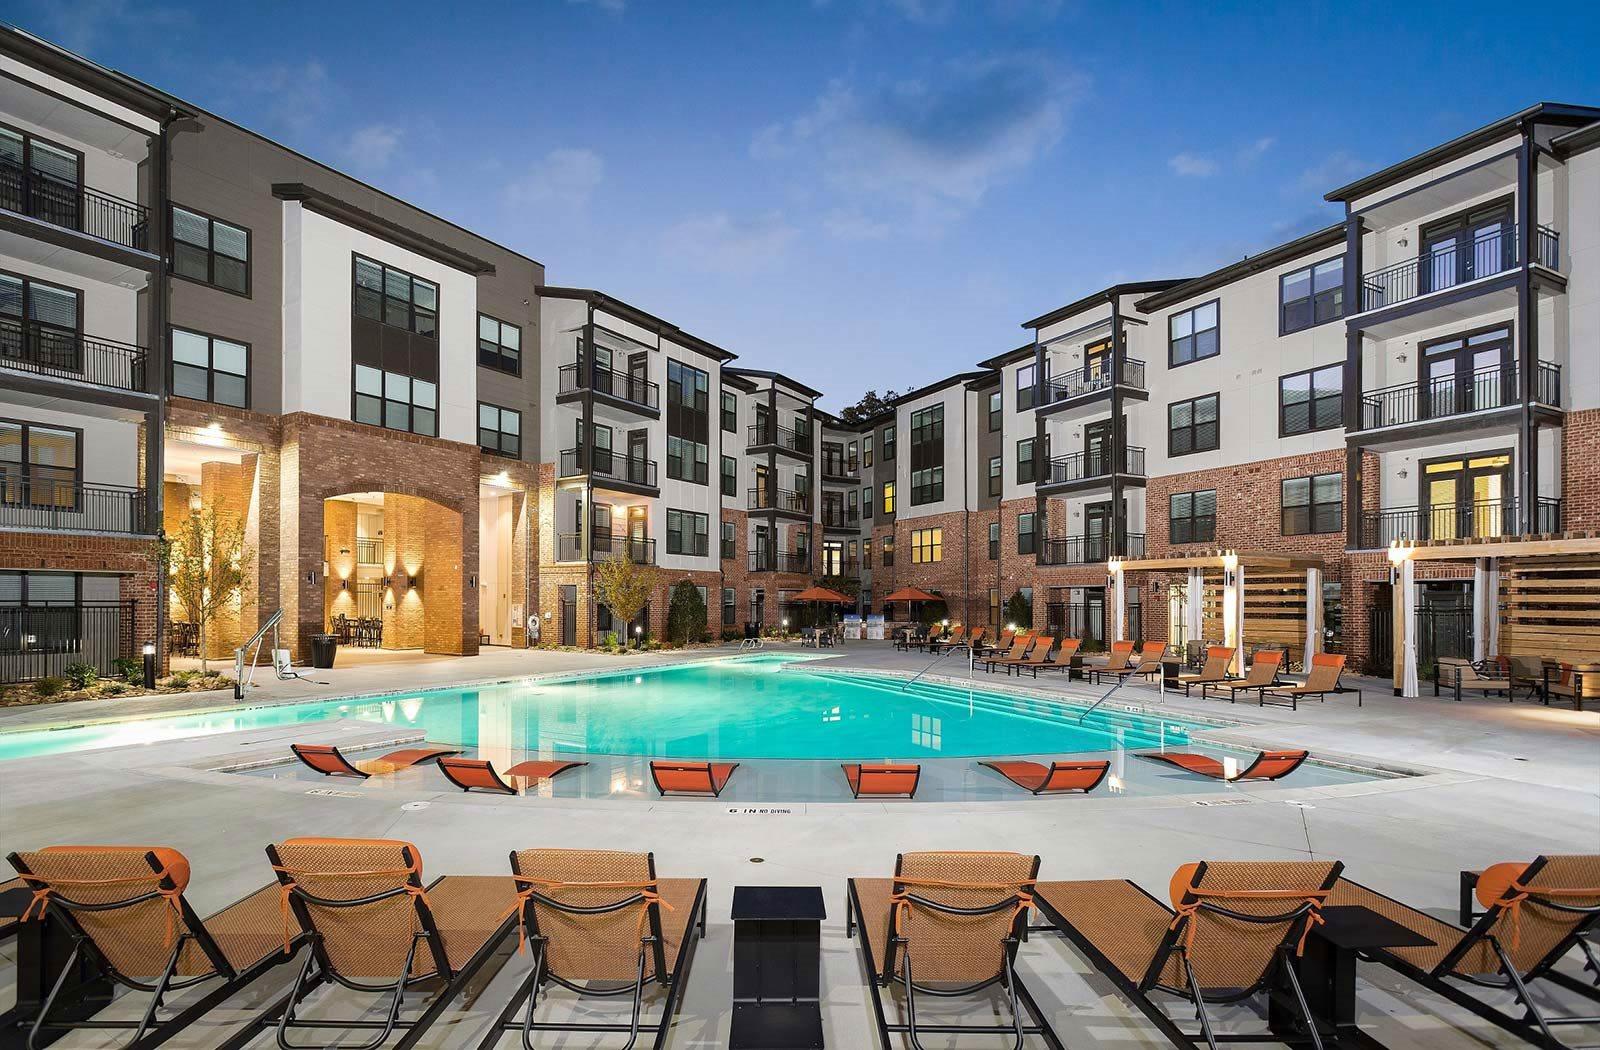 Pool Side Relaxing Area, at The Kirkwood, Atlanta, GA 30317